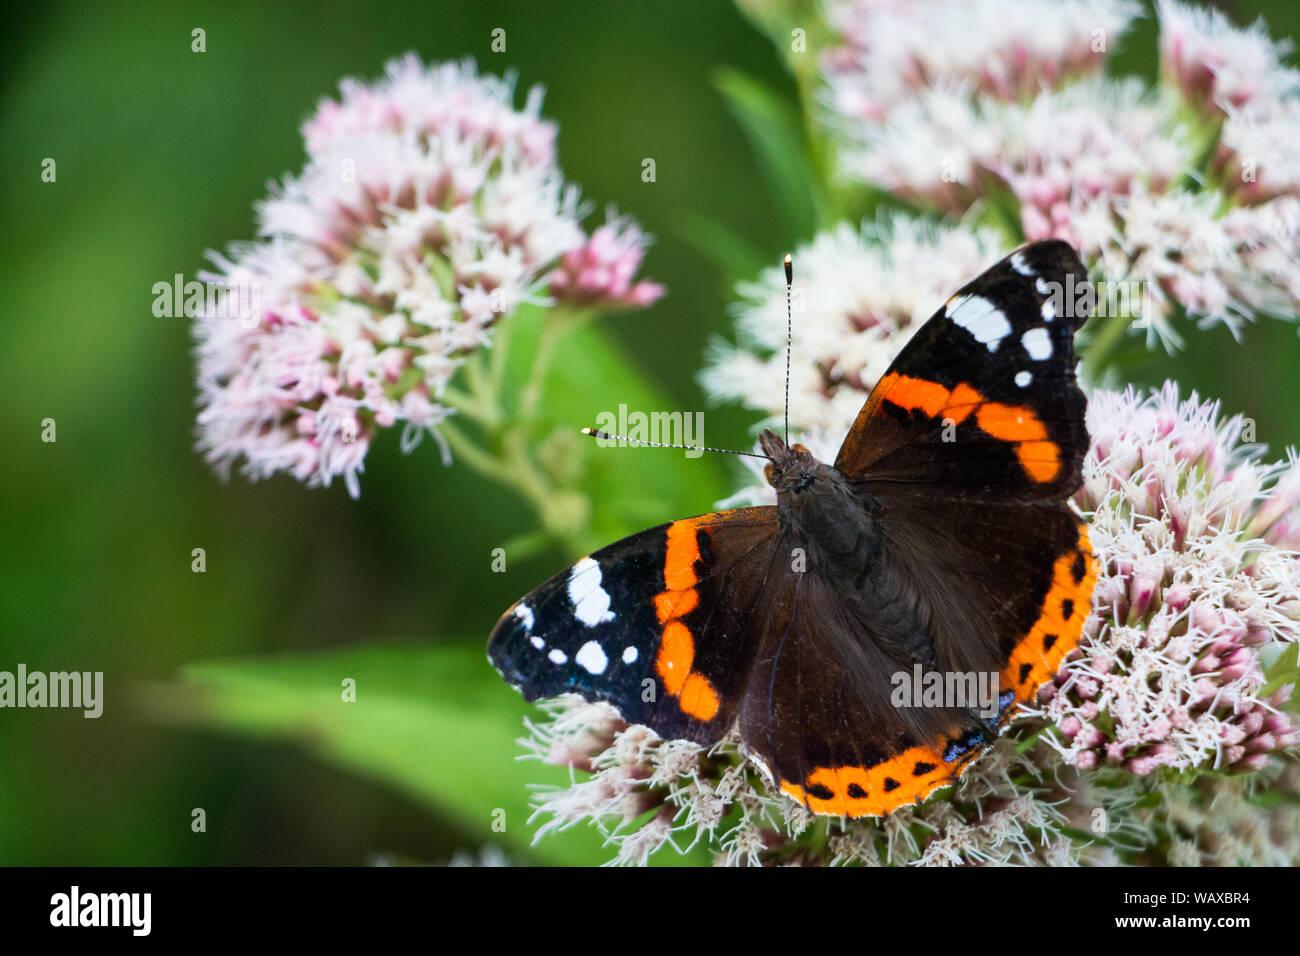 La vanesa o Atalanta butterfly sentada sobre una flor bebiendo néctar, fotografía tomada en los Países Bajos Foto de stock